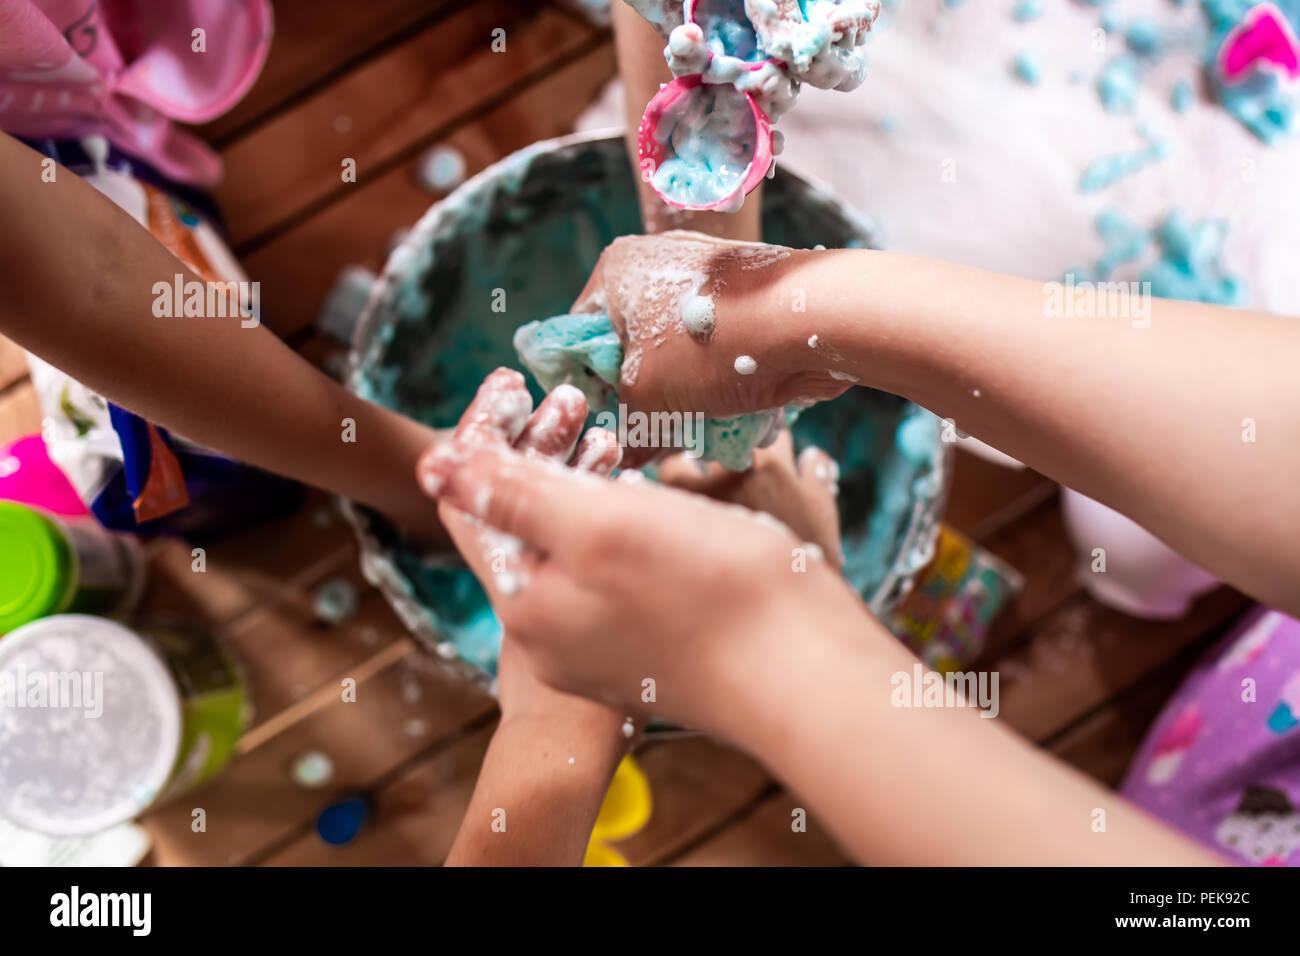 Un gruppo di giovani ragazze, i bambini fanno un pasticcio con spuma slime ad una festa di compleanno Immagini Stock